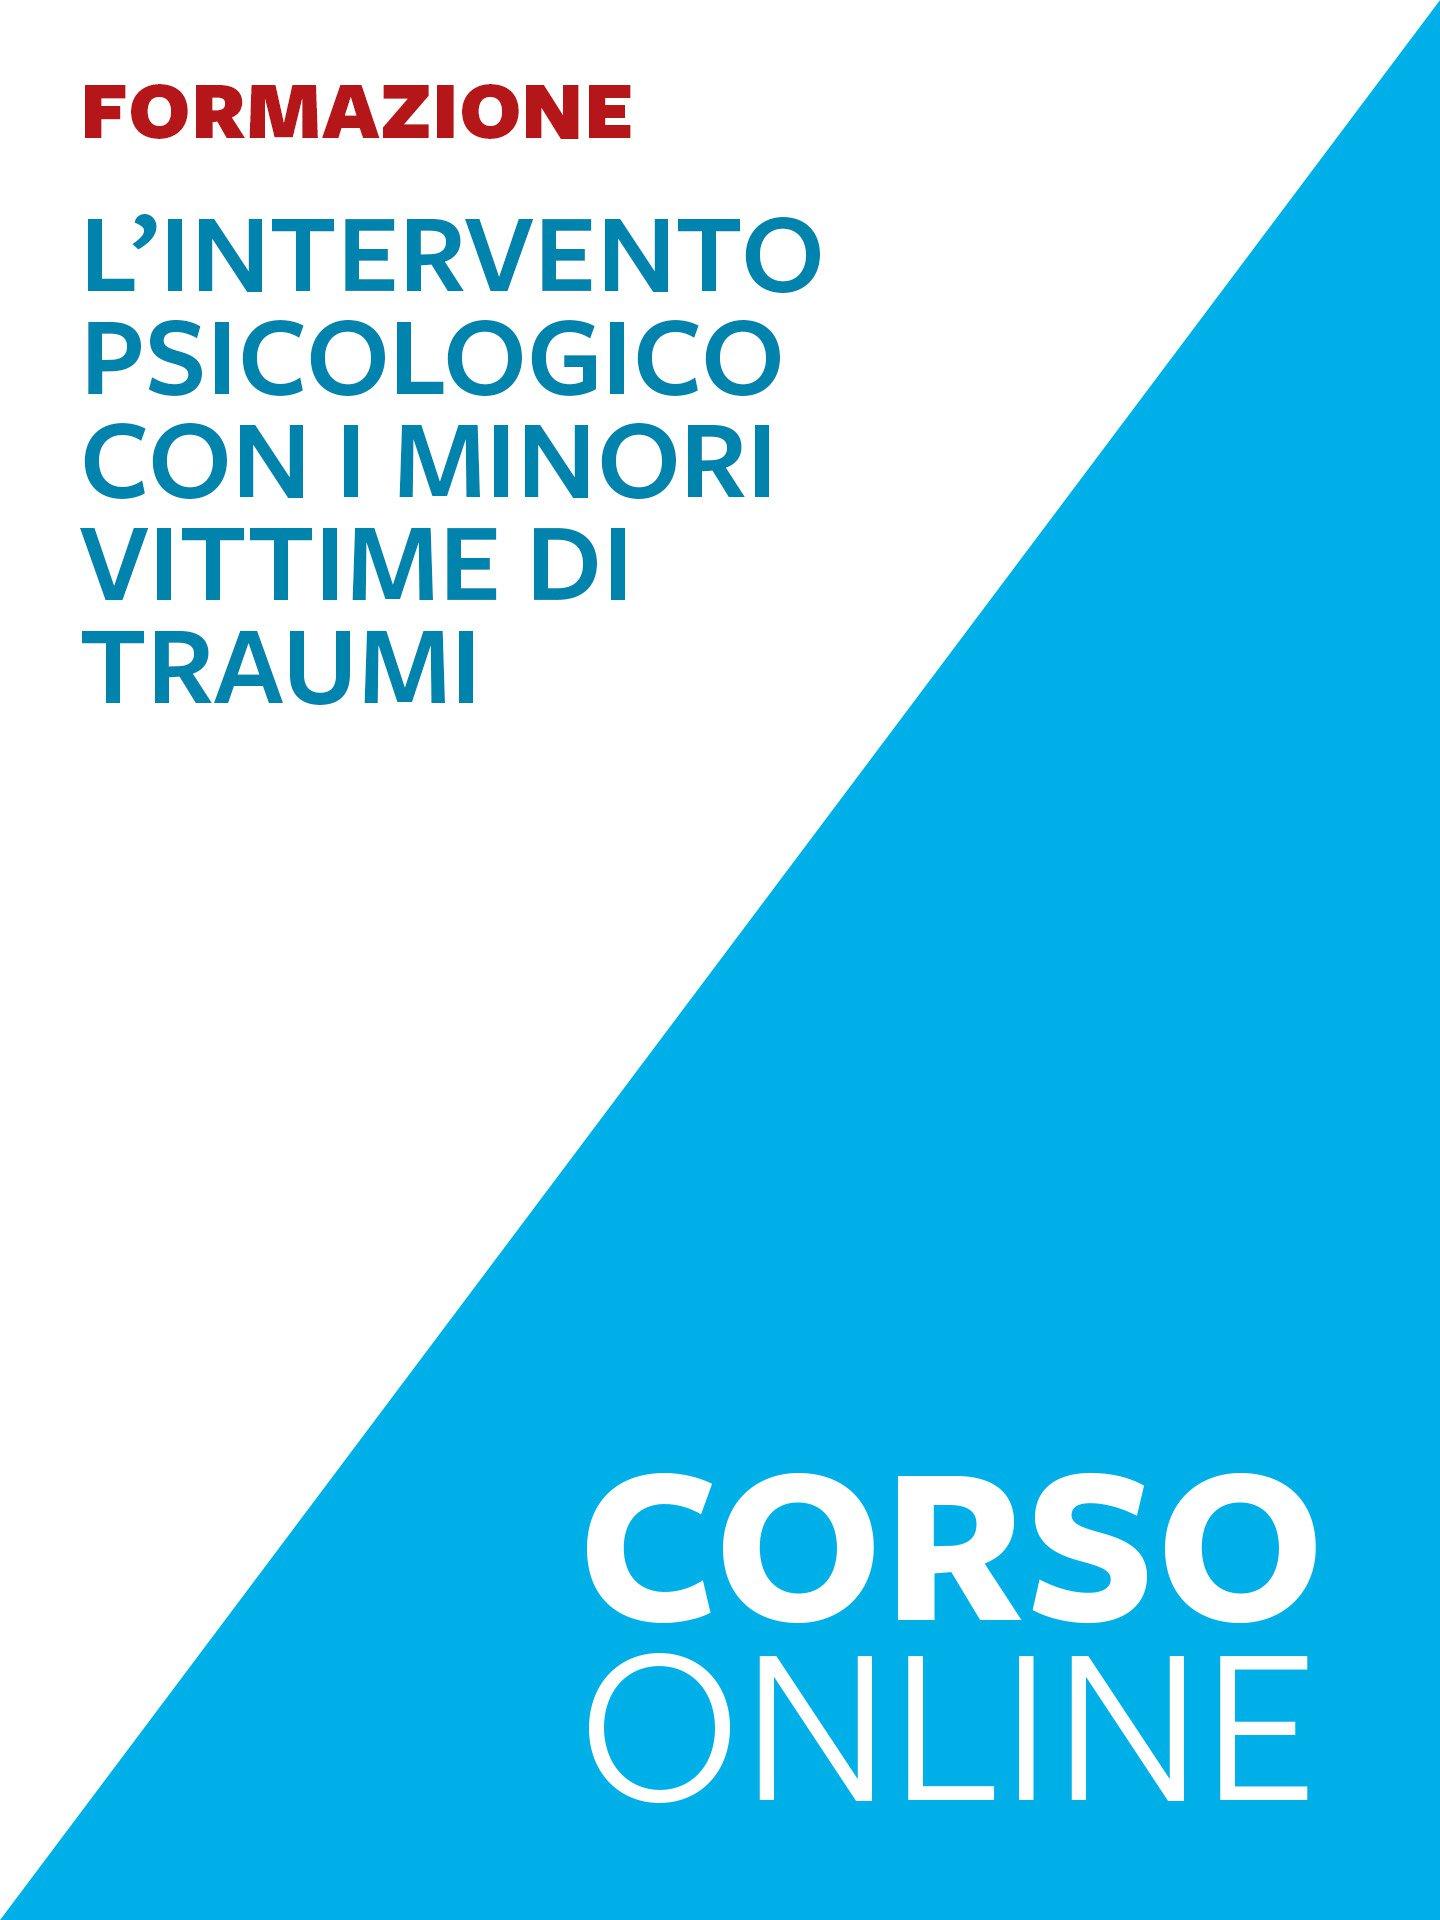 L'intervento psicologico con i minori vittime di traumi - Motricità consapevole e riabilitazione logopedica - Libri - Erickson